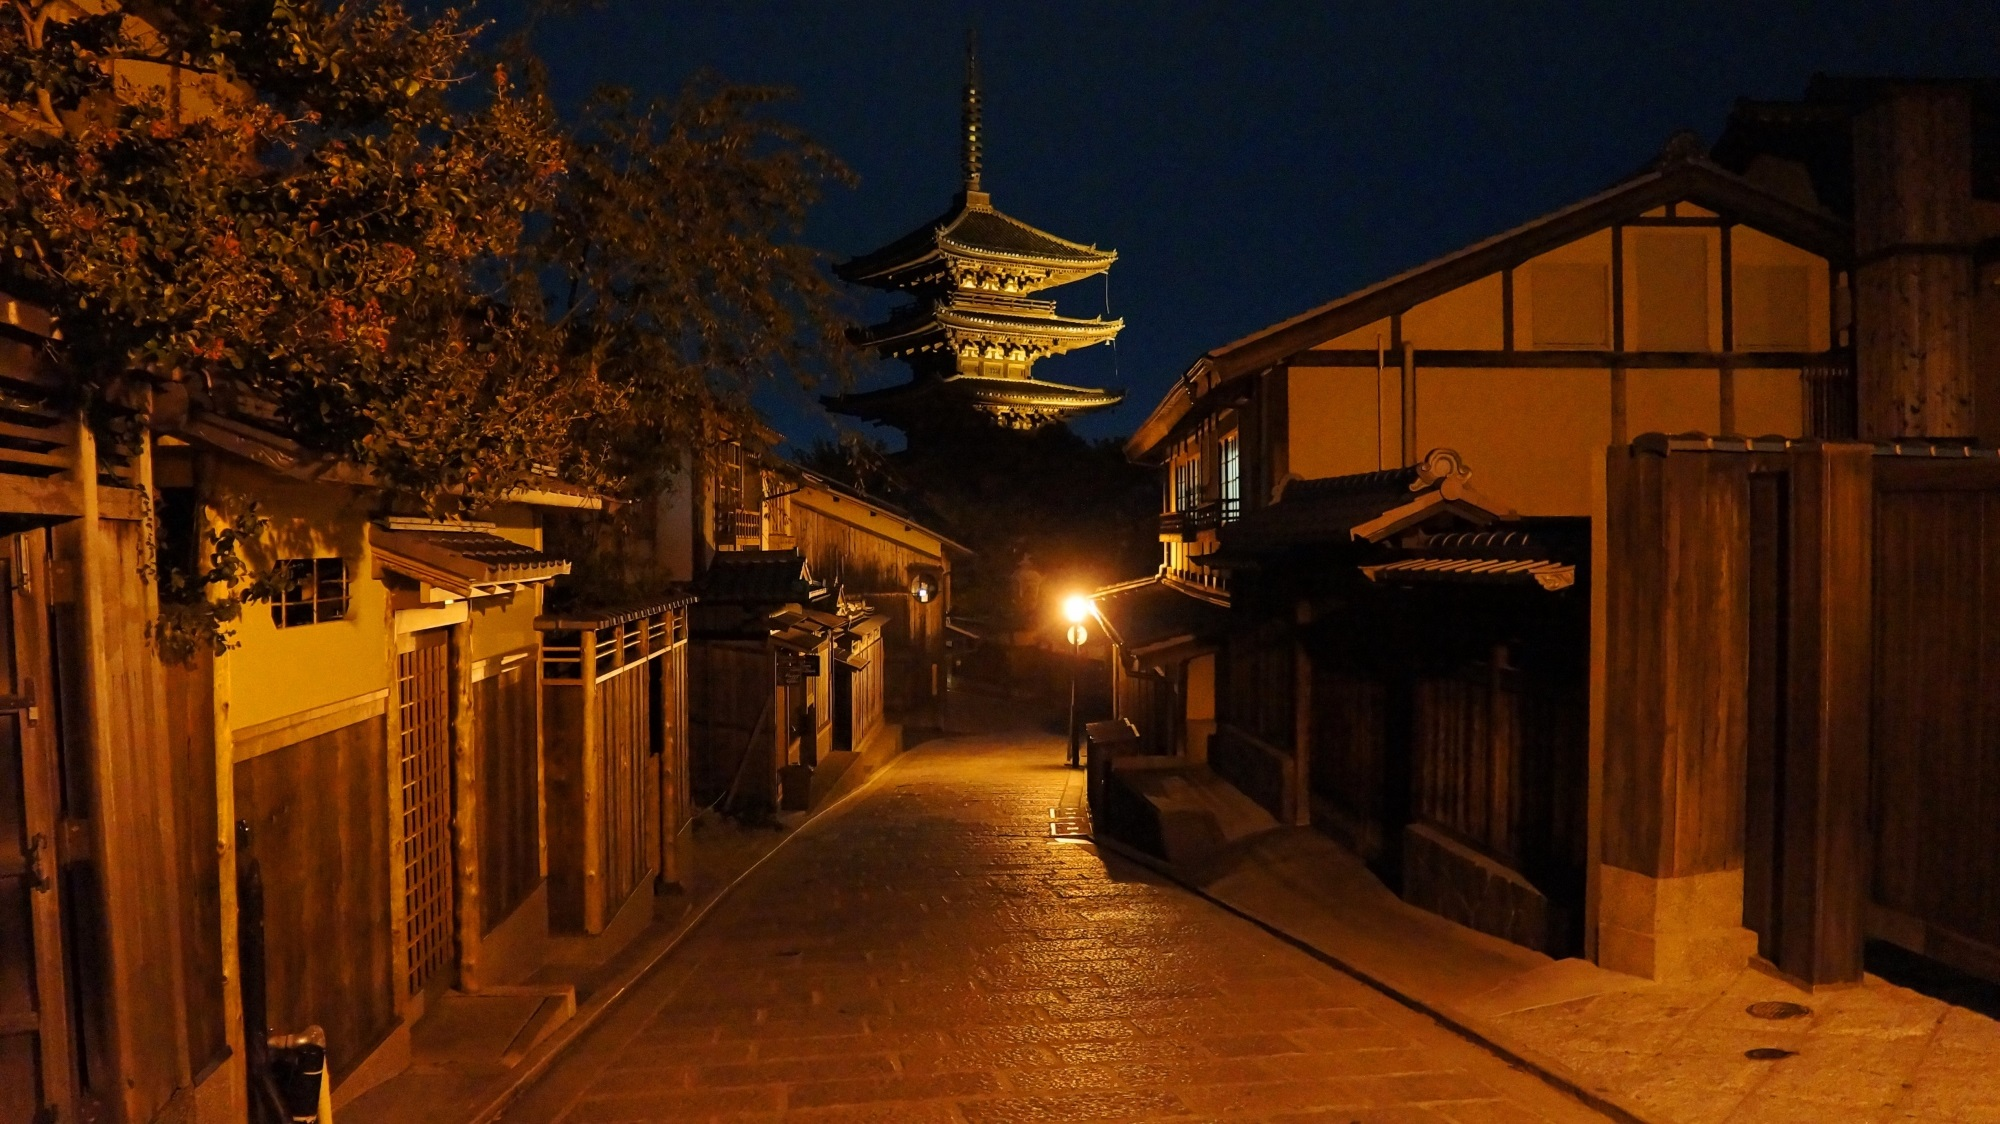 京都の象徴である八坂の塔(法観寺)の夜景